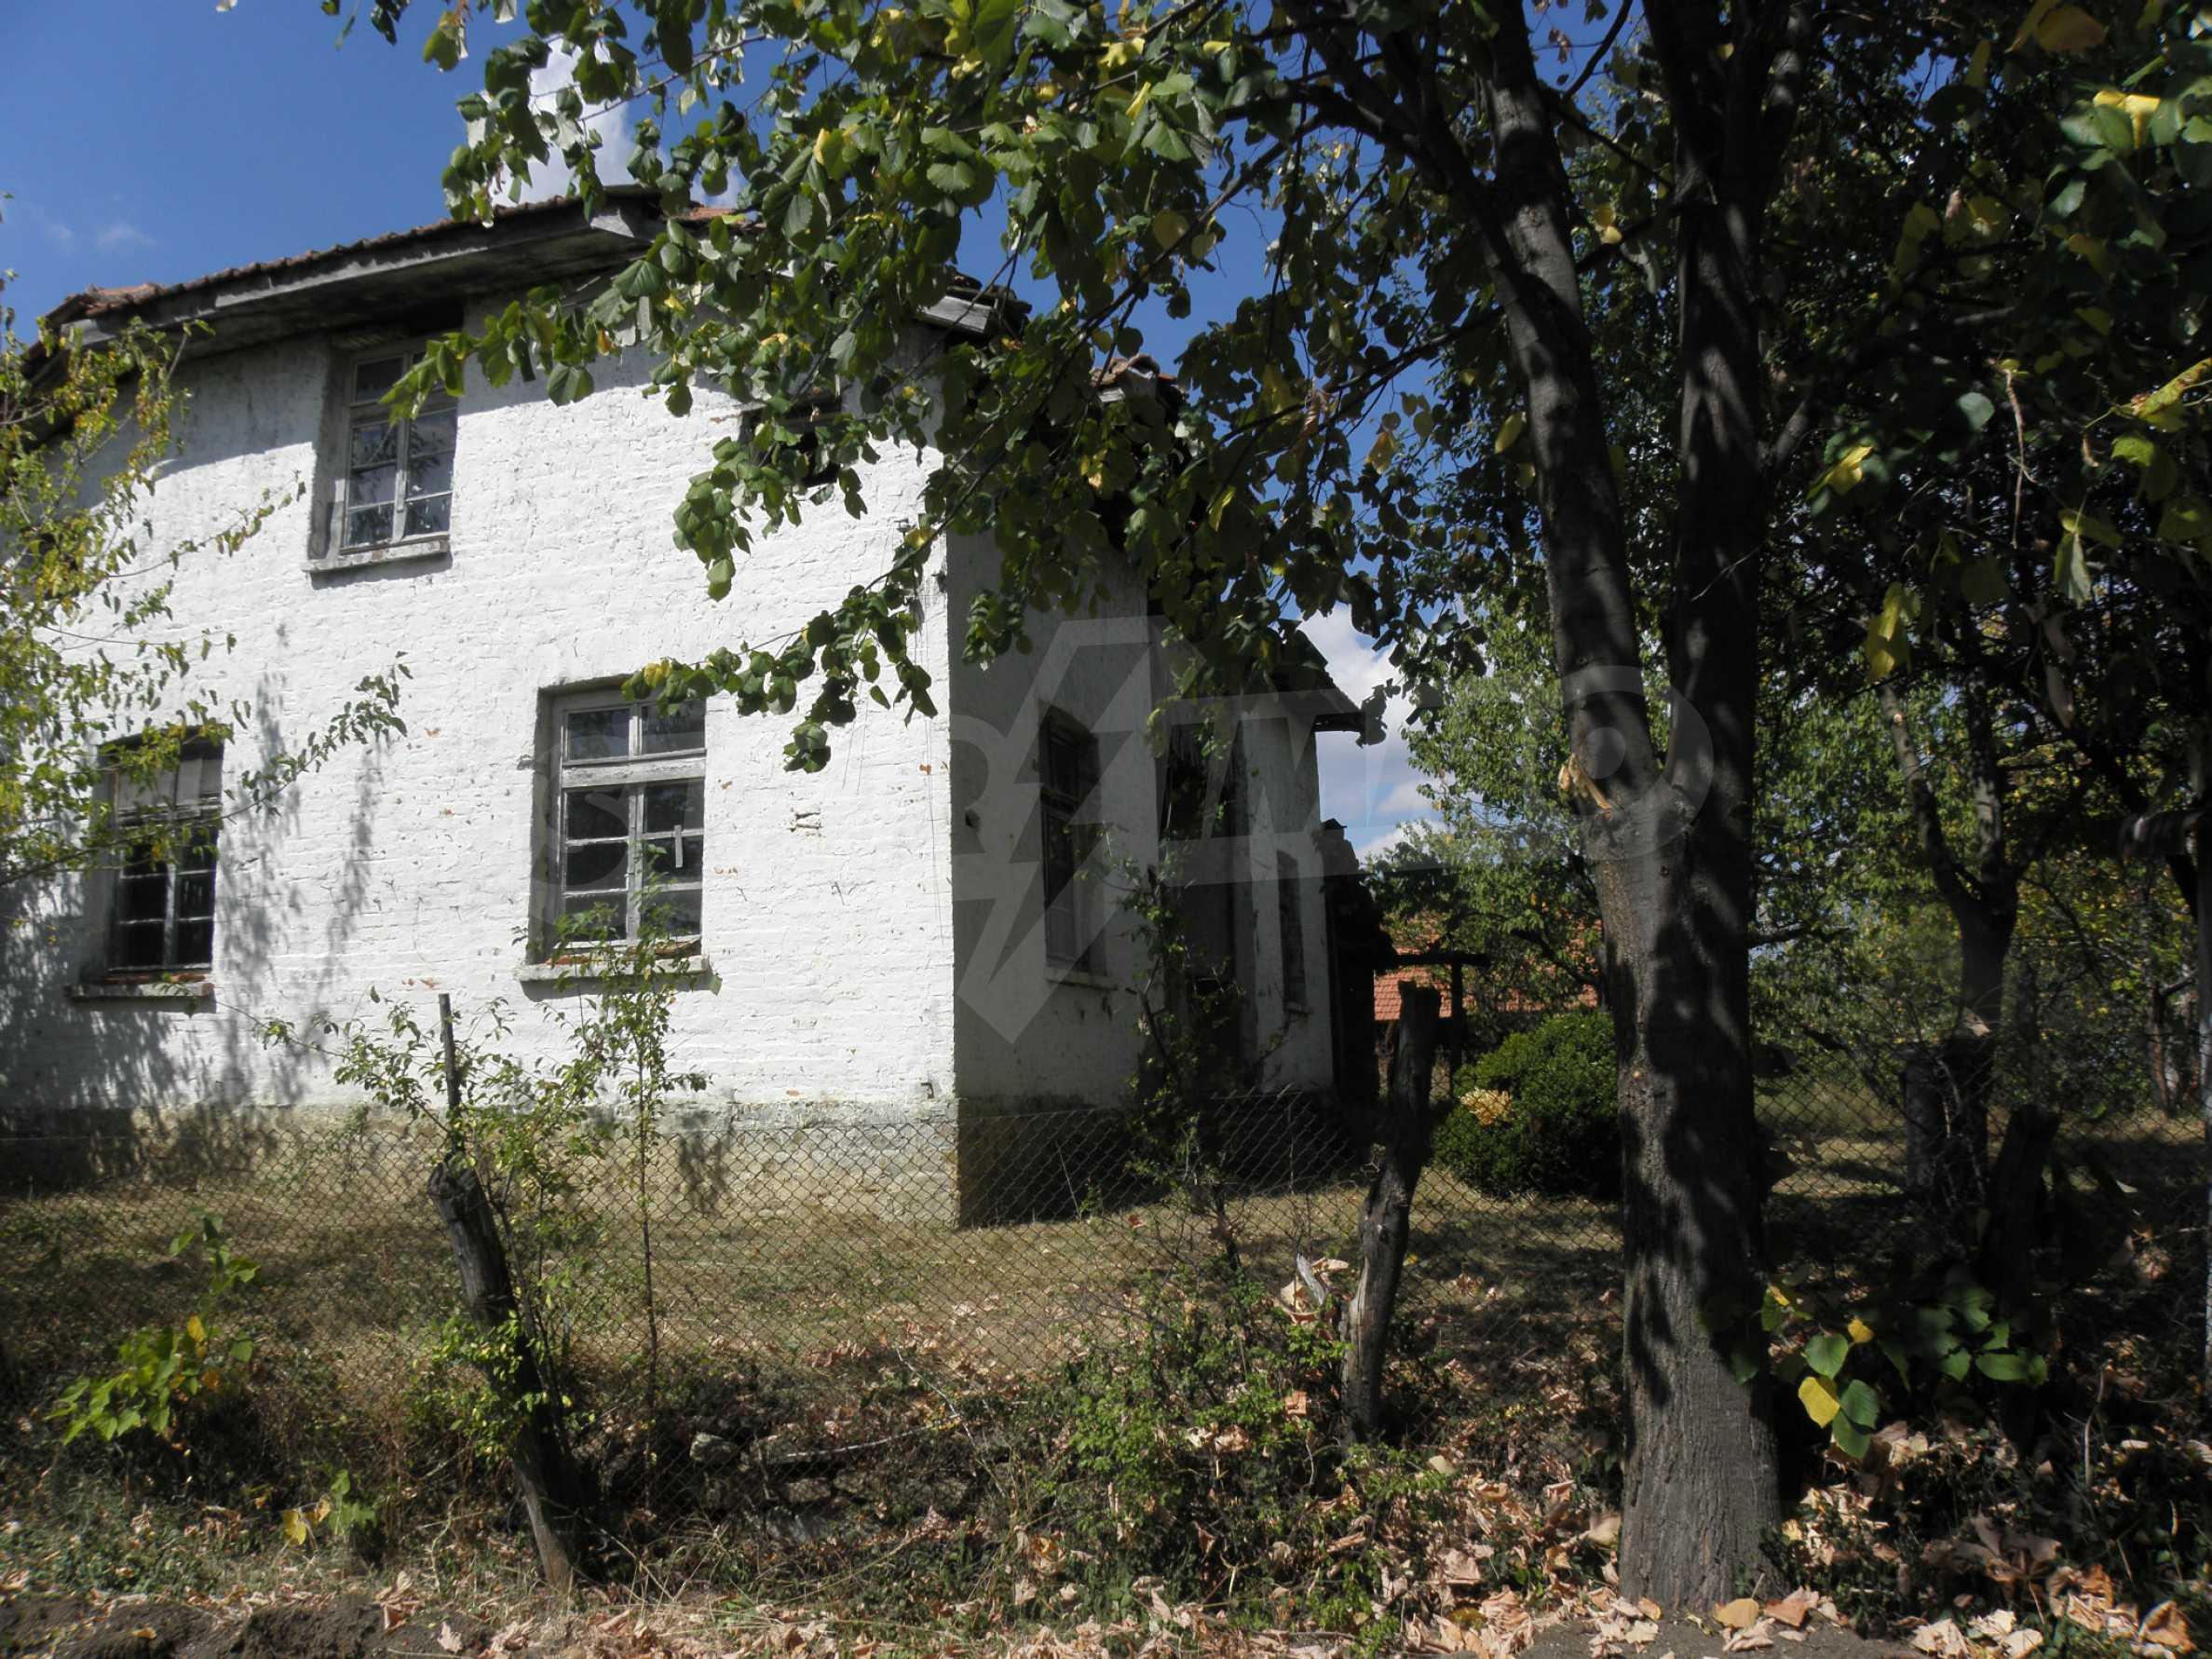 Old house in wonderful village near Sevlievo